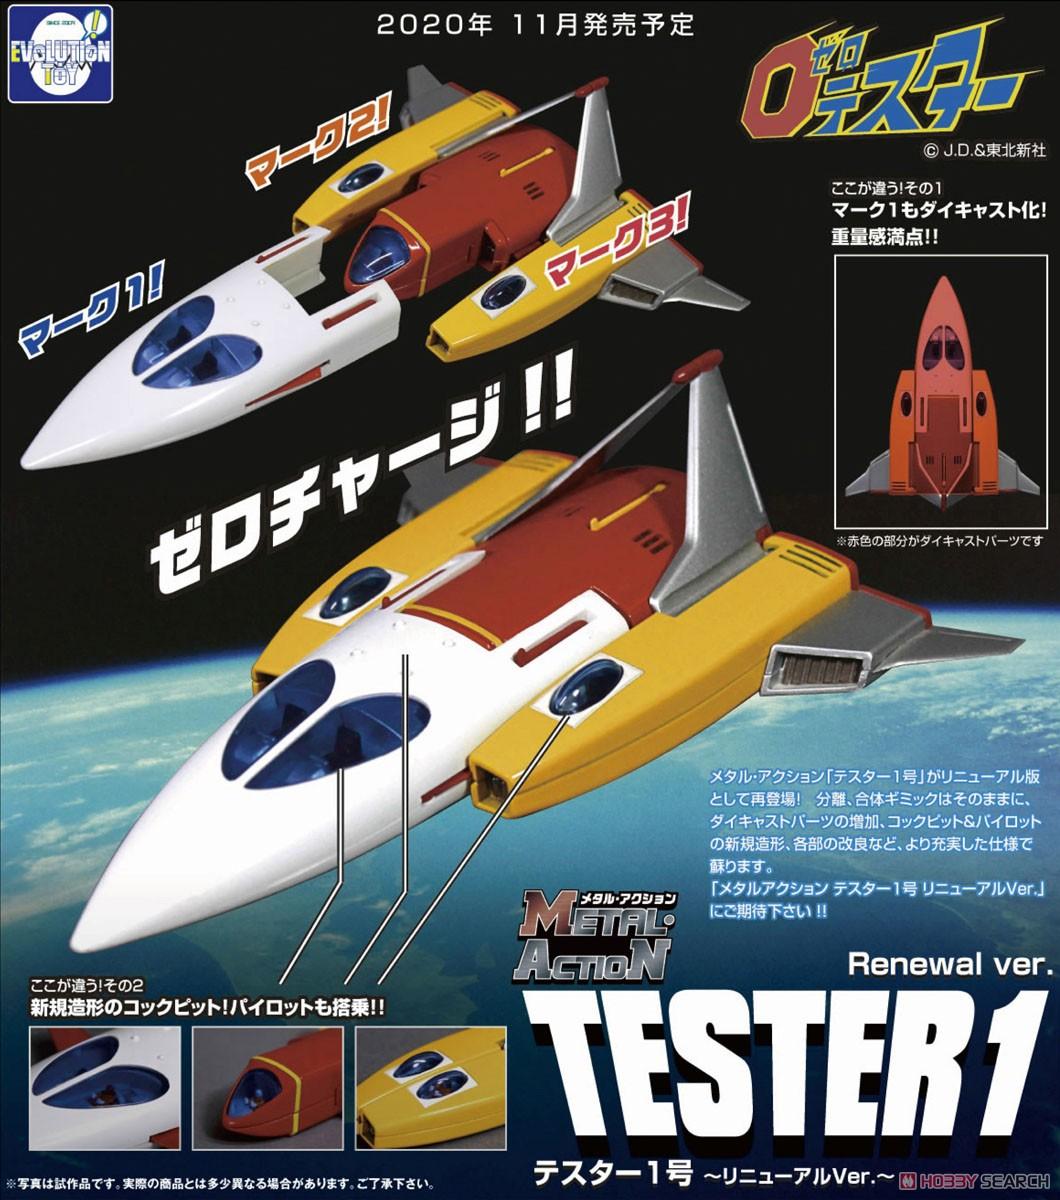 スーパー メタル・アクション『テスター1号 ~リニューアルVer.~』ゼロテスター 可変合体モデル-007